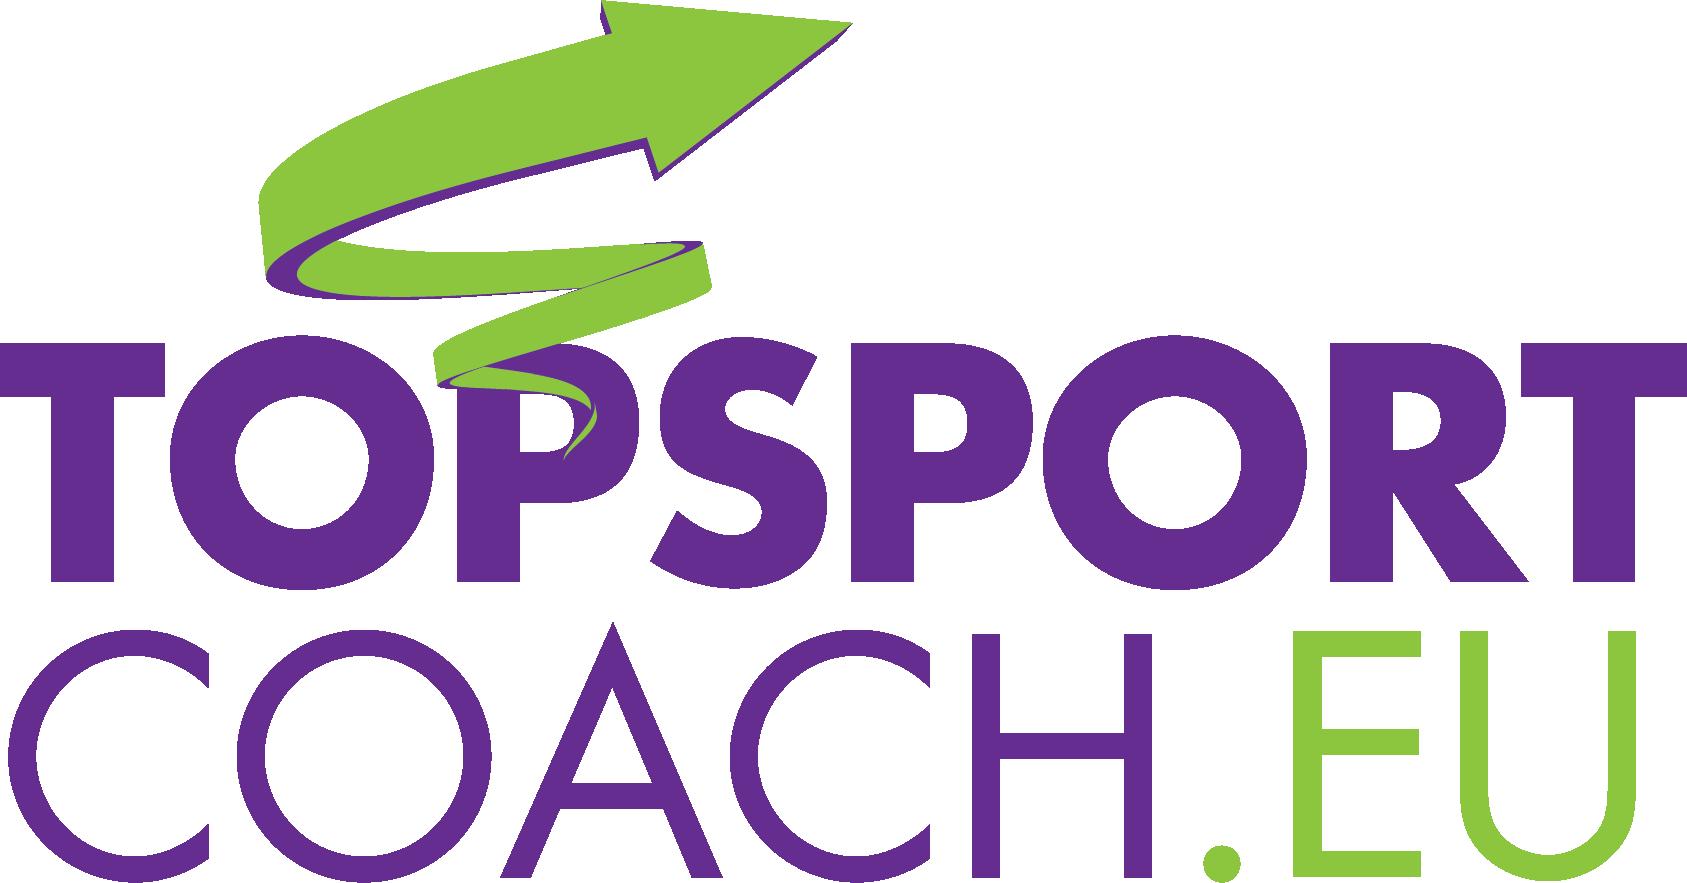 Topsportcoach | Zelfvertrouwen